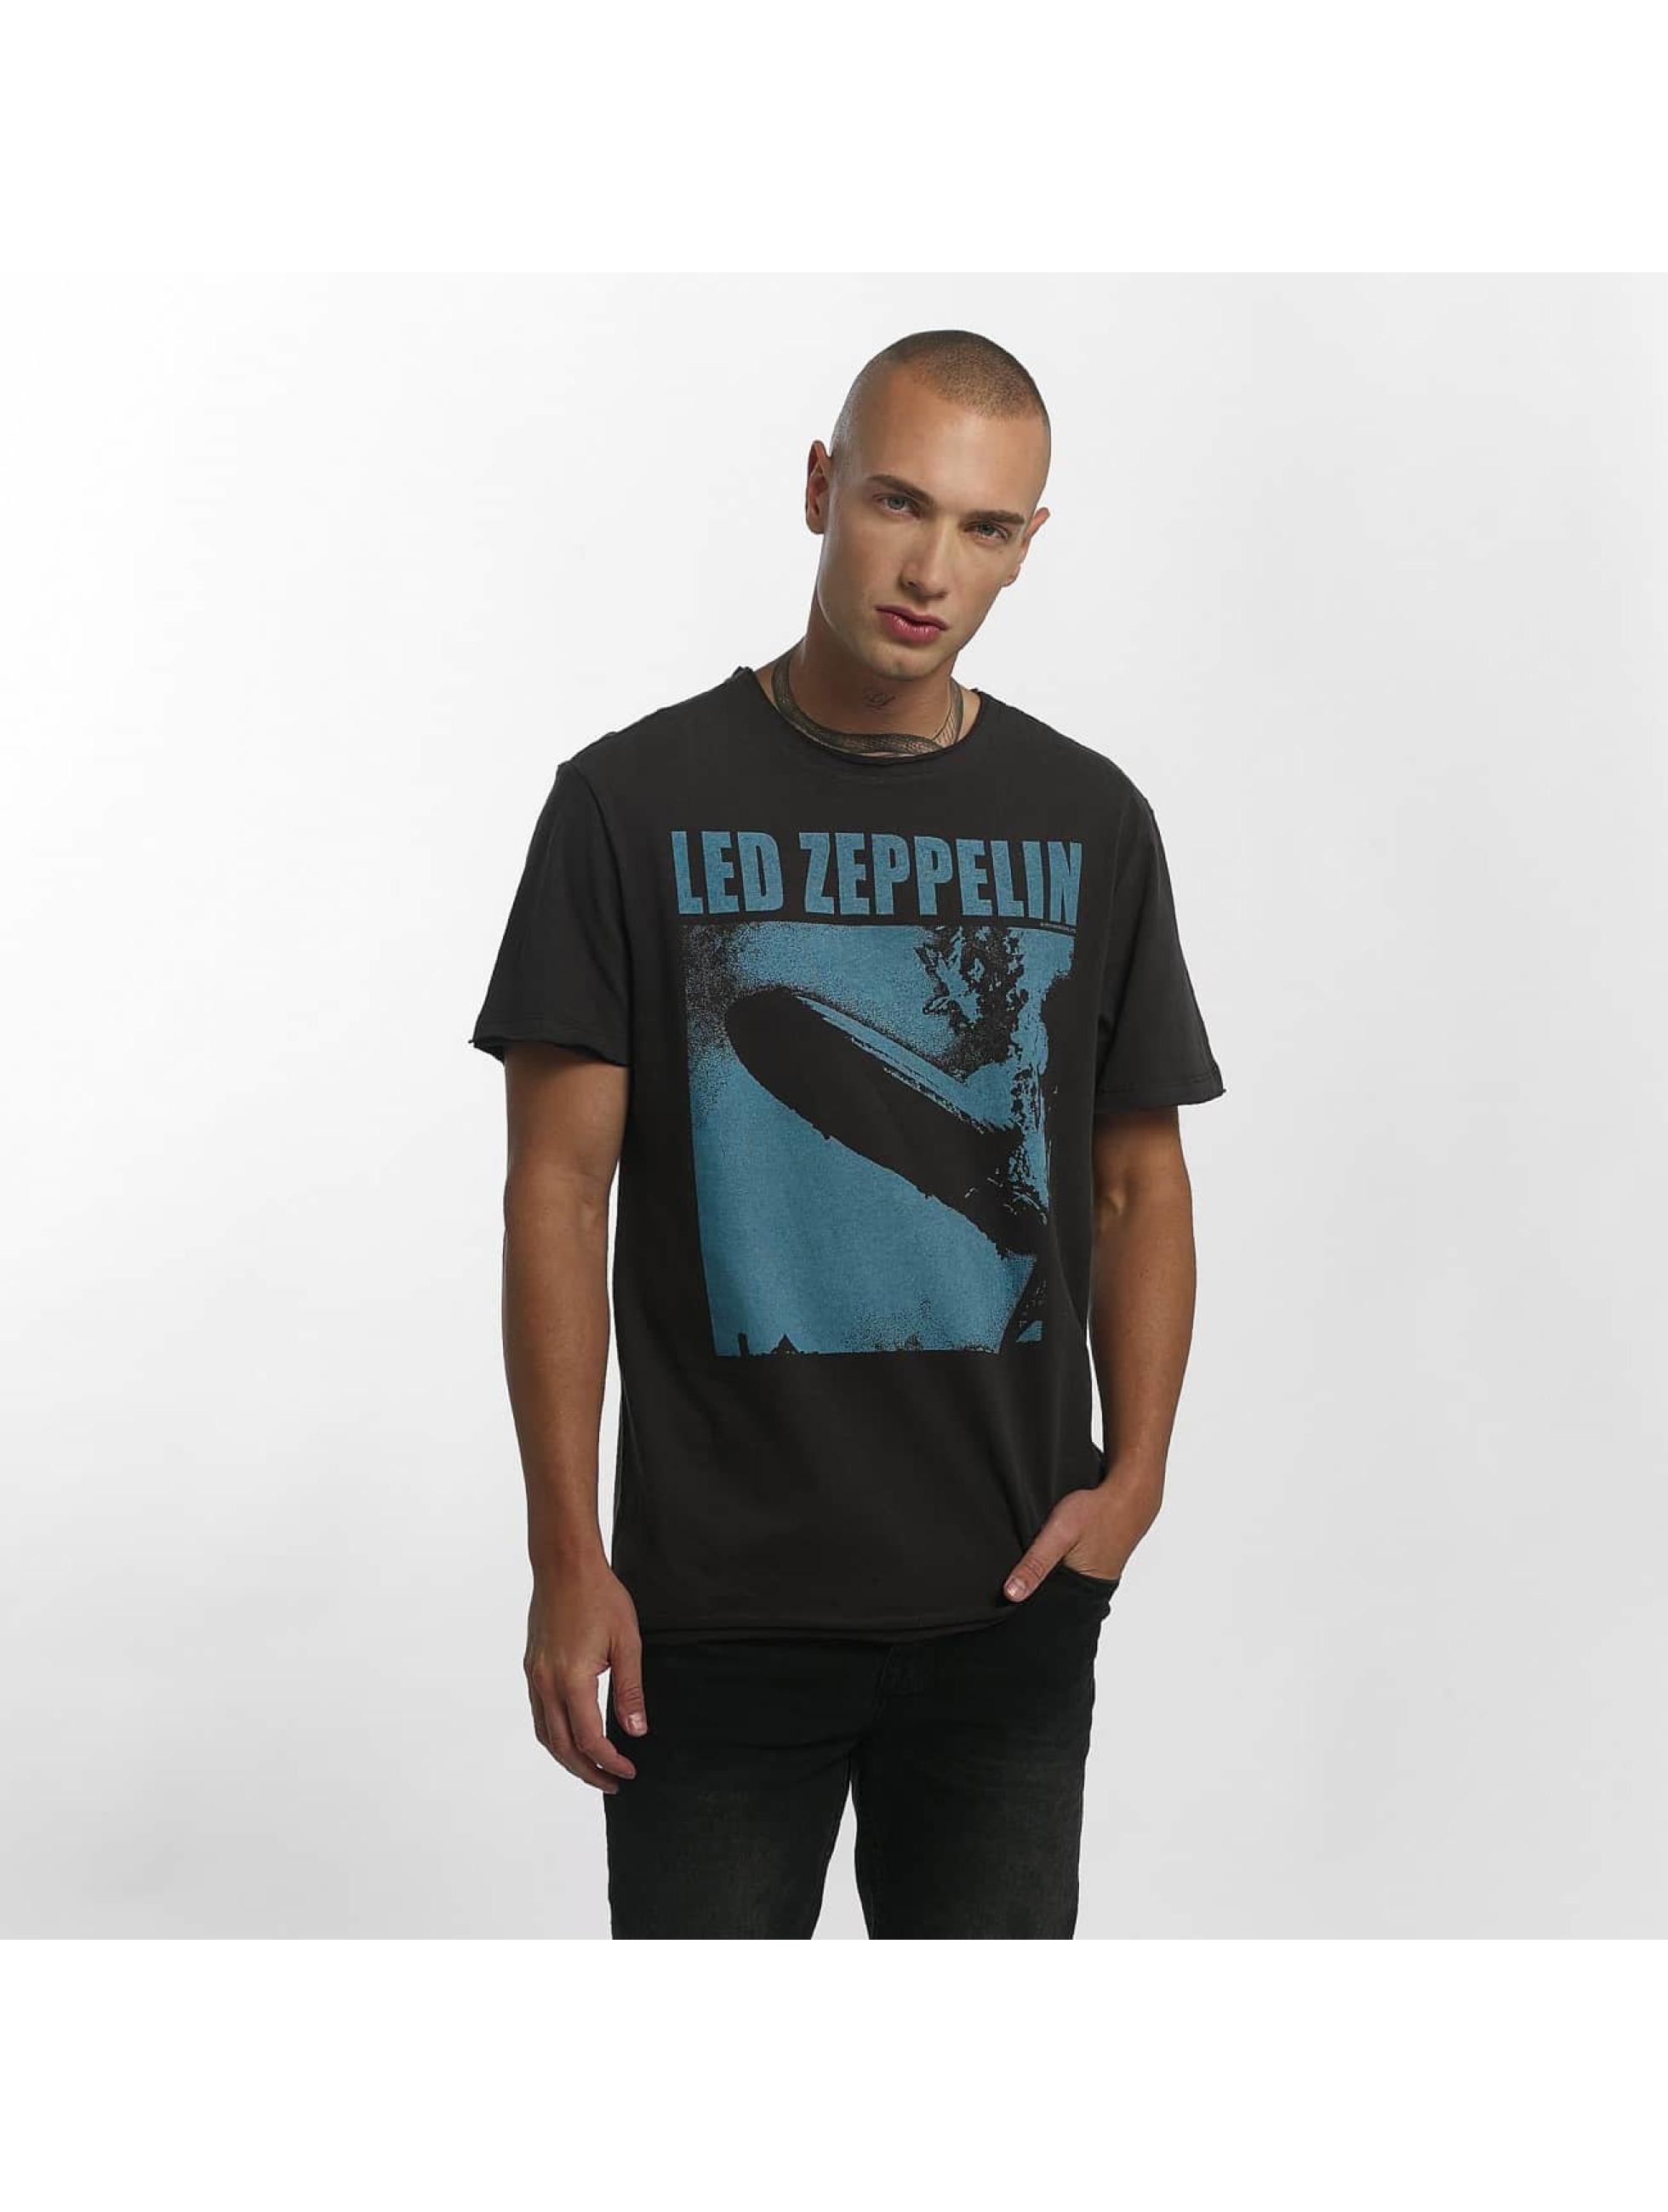 Amplified T-Shirt Led Zeppelin Blimp Square grau